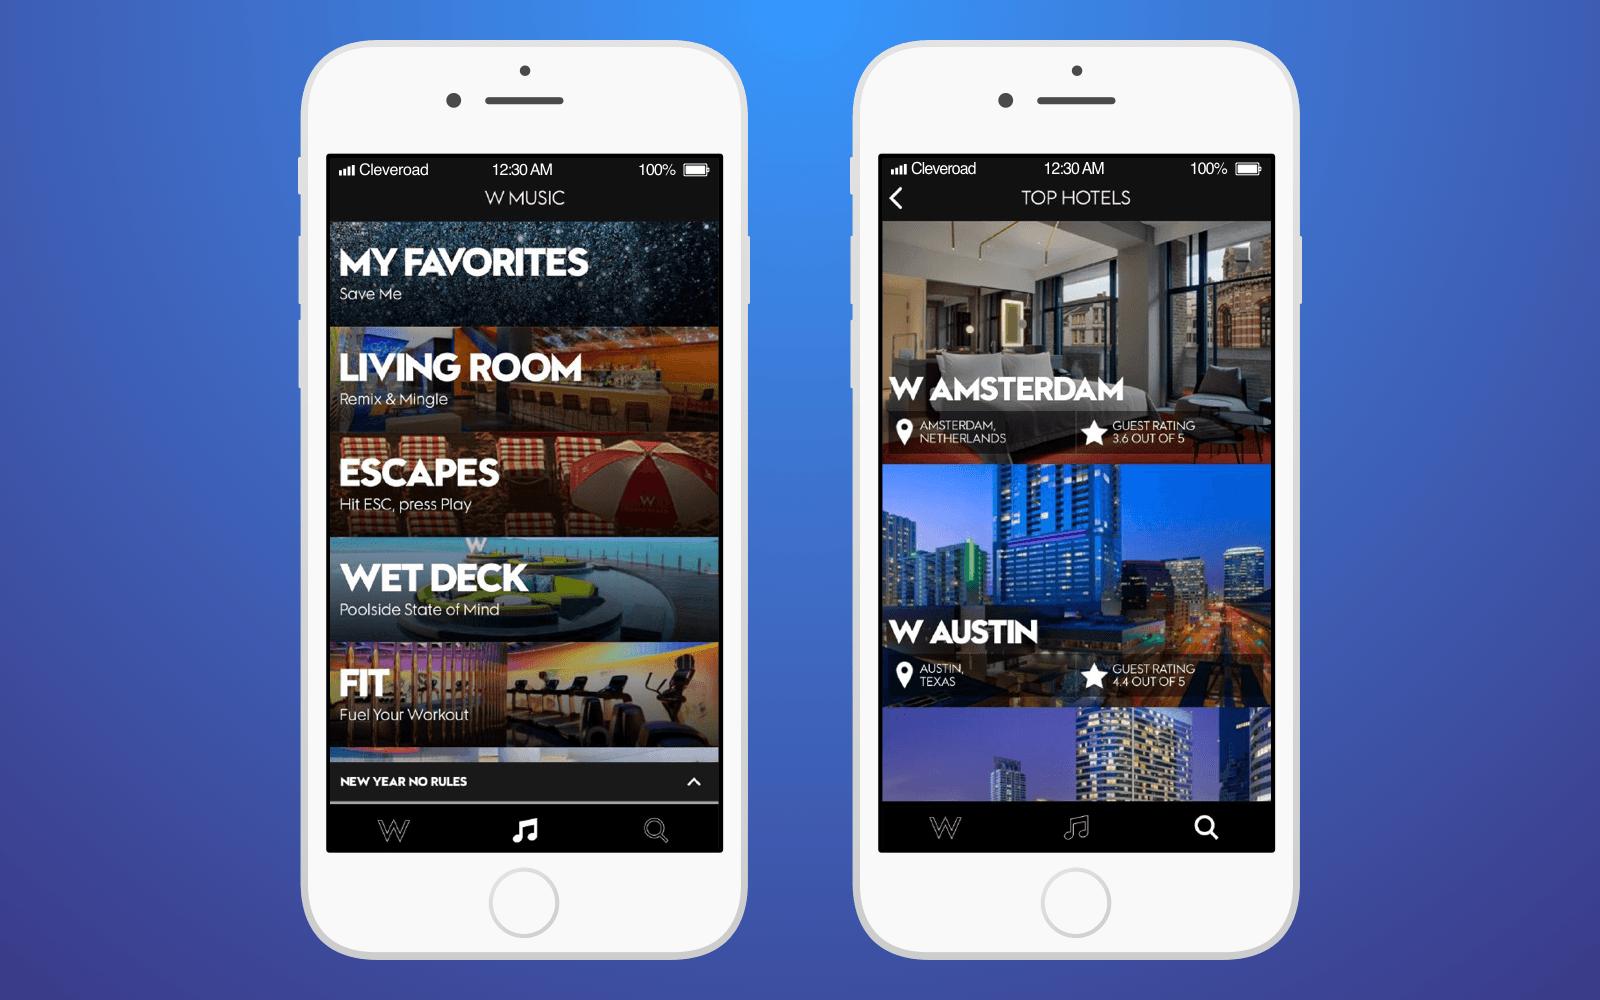 Hotel innovation: W Hotels Worldwide app